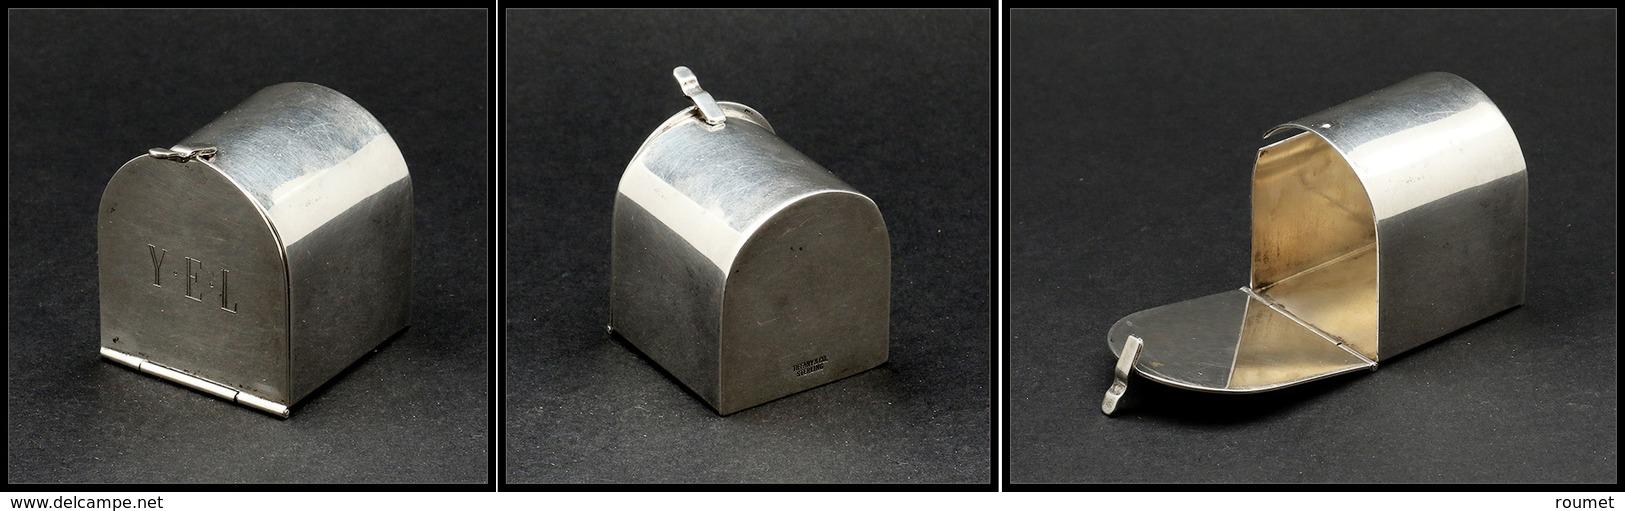 """Distributeur De Roulettes.     Modèle Tiffany & Co En Argent, En Forme De Boîte Aux Lettres US, Monogrammée """"YEL"""" En Faç - Boites A Timbres"""